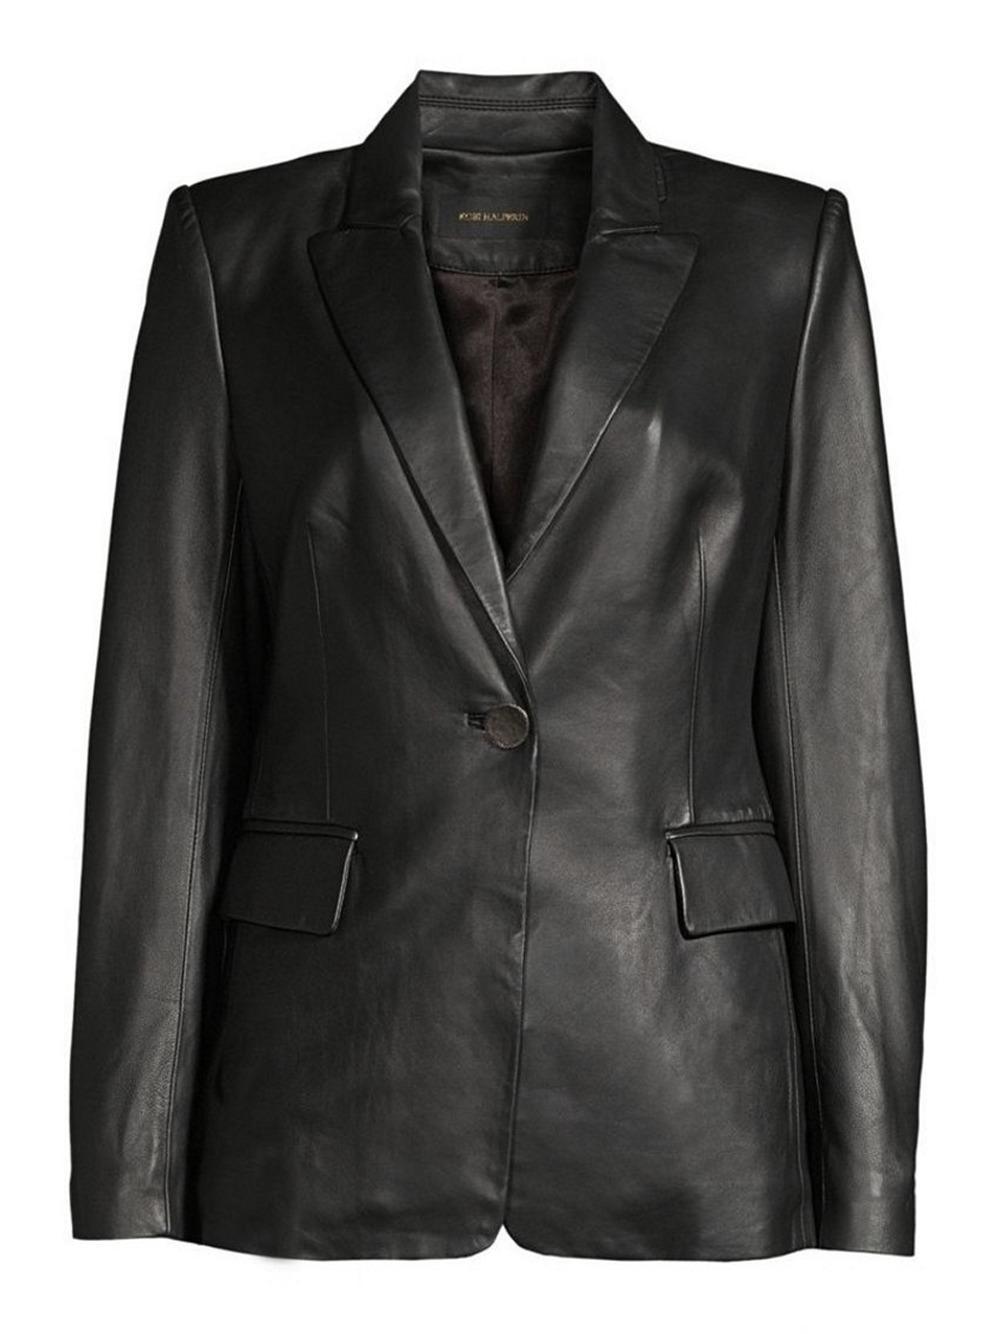 Avery Leather Blazer Item # KF9J14-19-F20